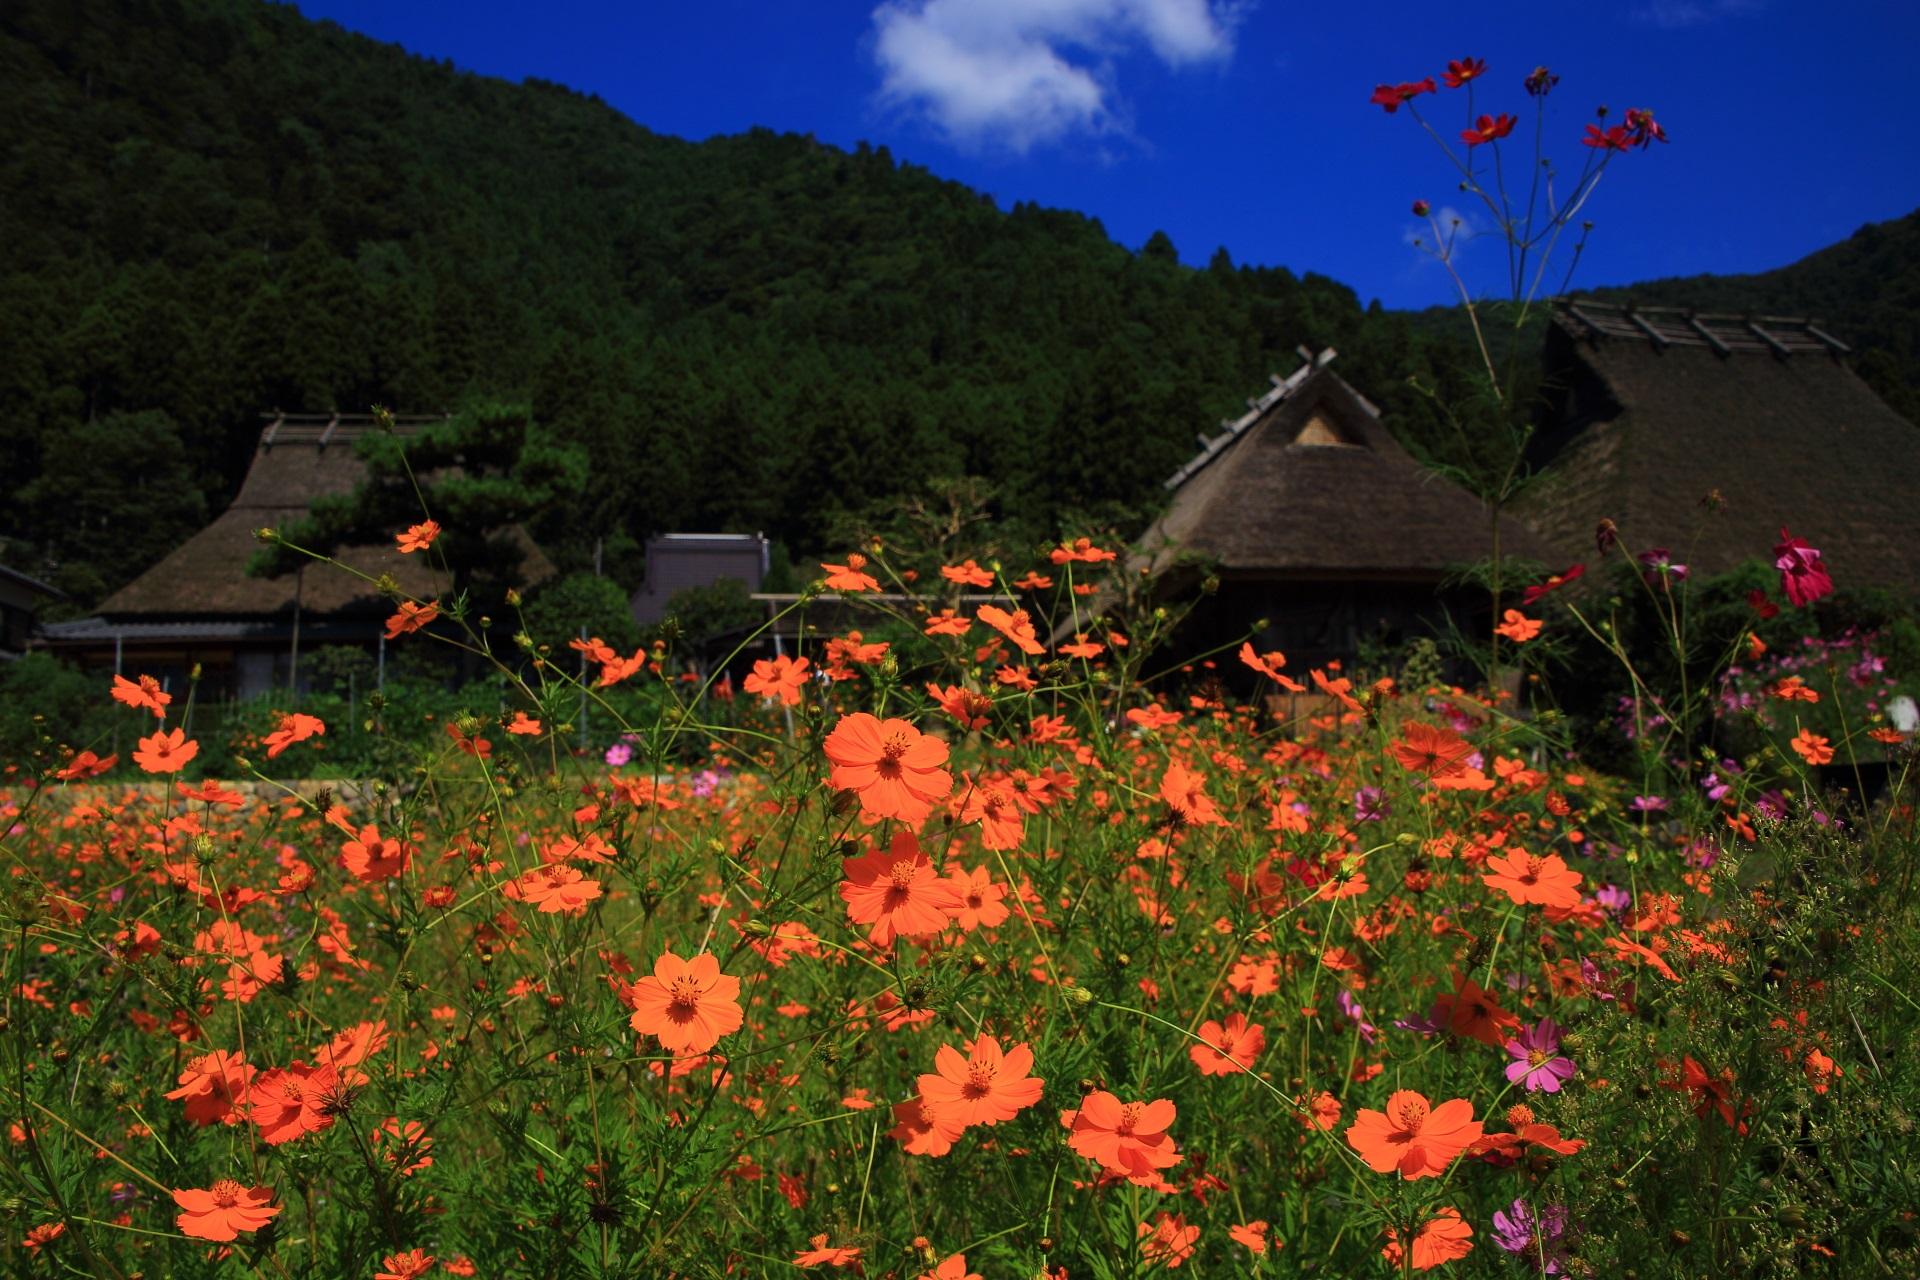 萱葺屋根(かやぶきやね)の家を背景にした鮮やかなオレンジ色のコスモス